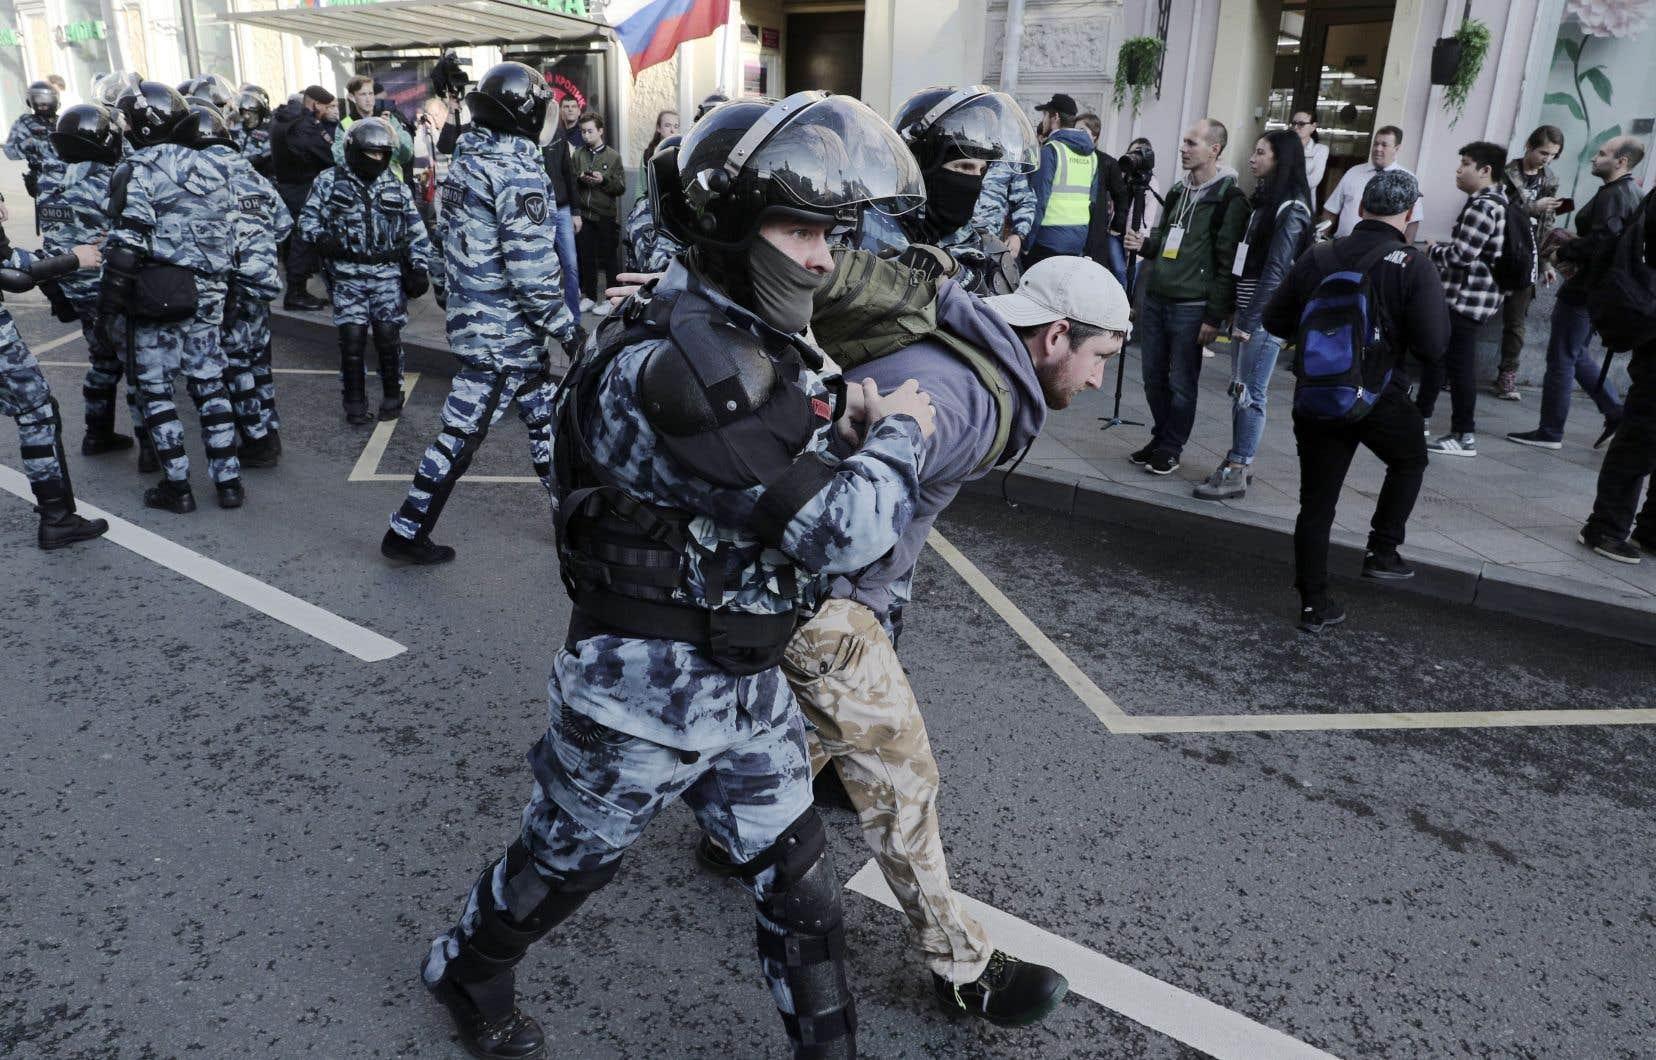 Plus de 250 personnes ont été interpellées à la fin du rassemblement du 10 août dernier.